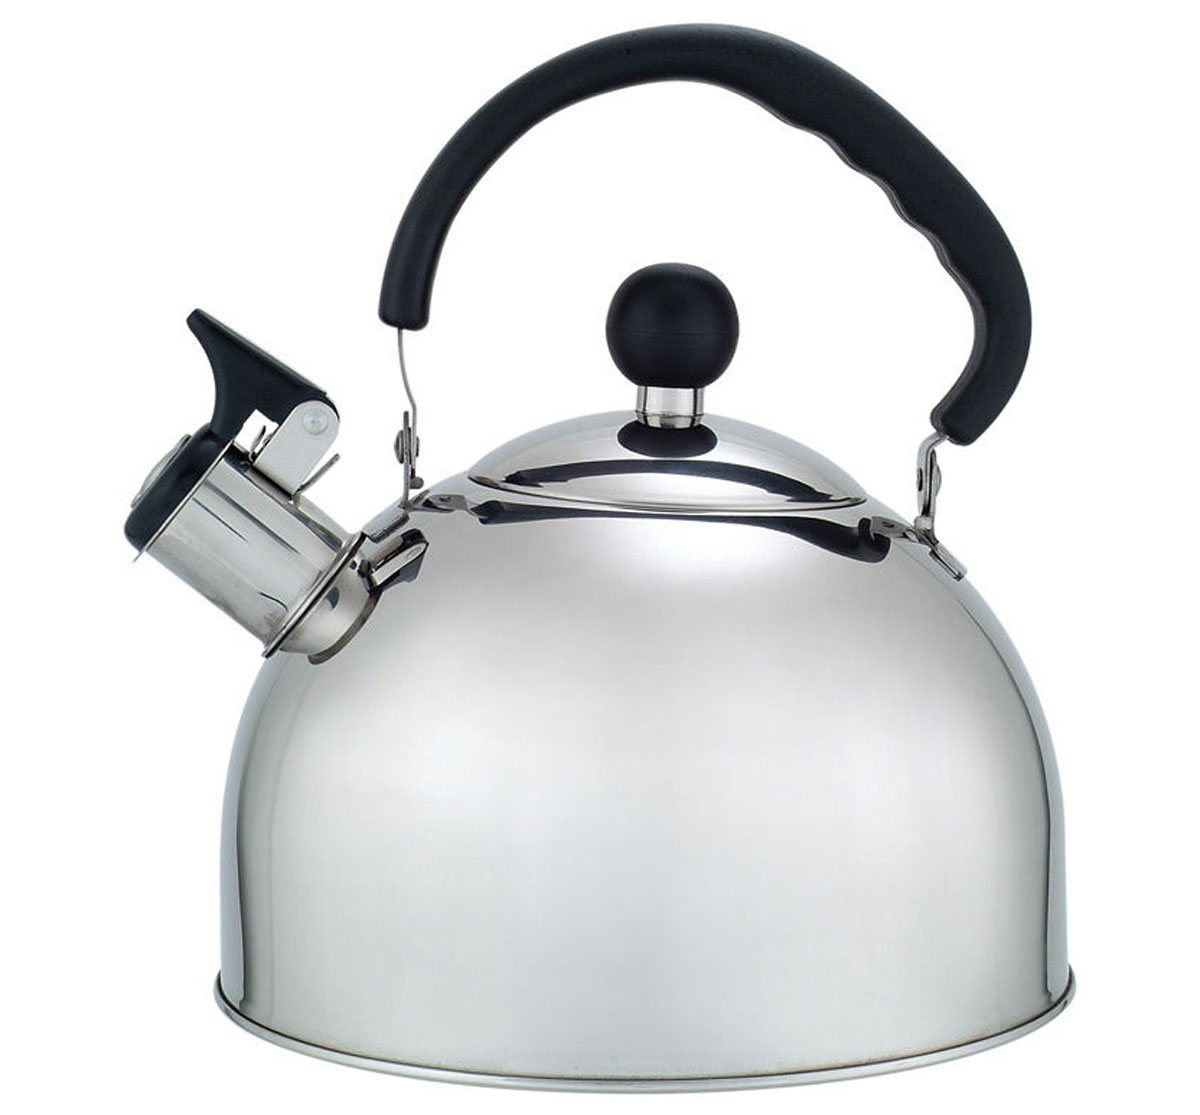 Чайник Добрыня окажется незаменимым помощником в приготовлении чая. Высококачественные материалы обеспечивают продолжительную и безопасную эксплуатацию изделия. Кроме оригинального дизайнерского решения, комбинация высококачественного металла и свистка с внешней поверхностью из бакелита, не позволяет обжечься о раскаленный носик чайника при открытии клапана, для того, чтобы набрать воду или разлить кипяток по чашкам.